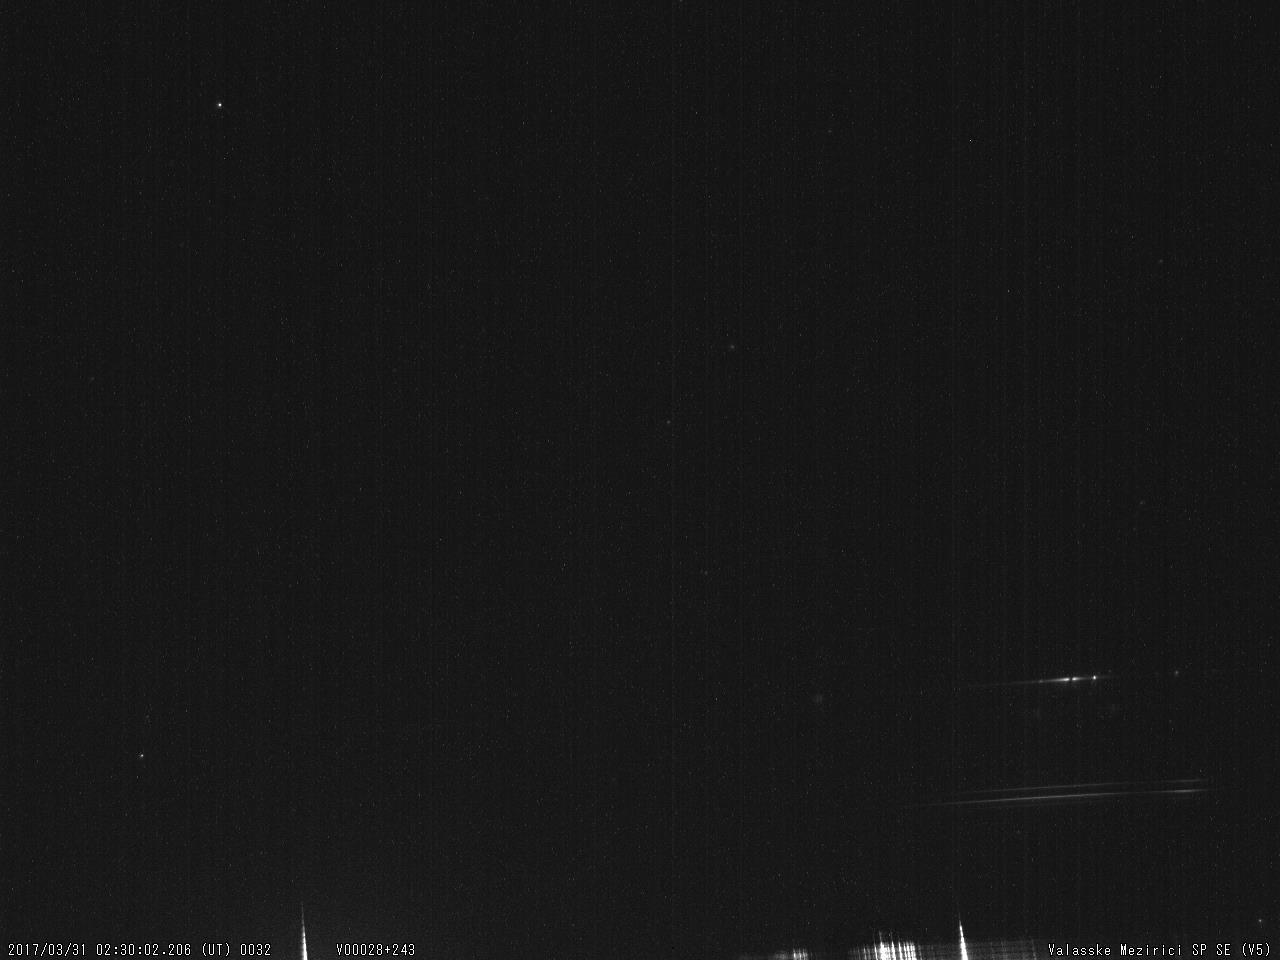 Fig. 12: Spectrum of bright meteor 20170331_023002, SPSE V5 spectrograph. Author: Valašské Meziříčí Observatory